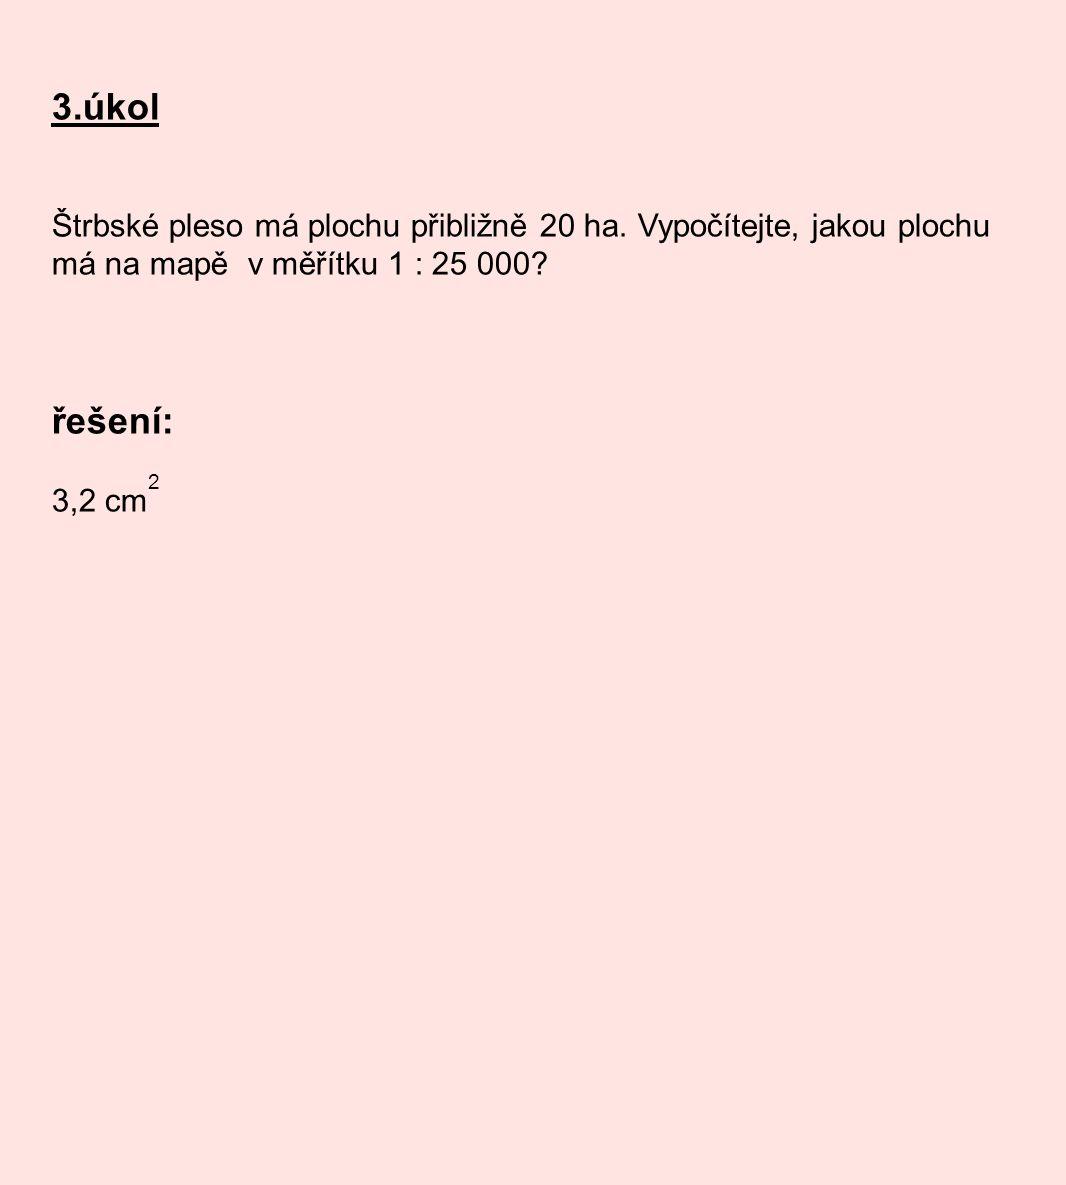 3.úkol Štrbské pleso má plochu přibližně 20 ha. Vypočítejte, jakou plochu má na mapě v měřítku 1 : 25 000